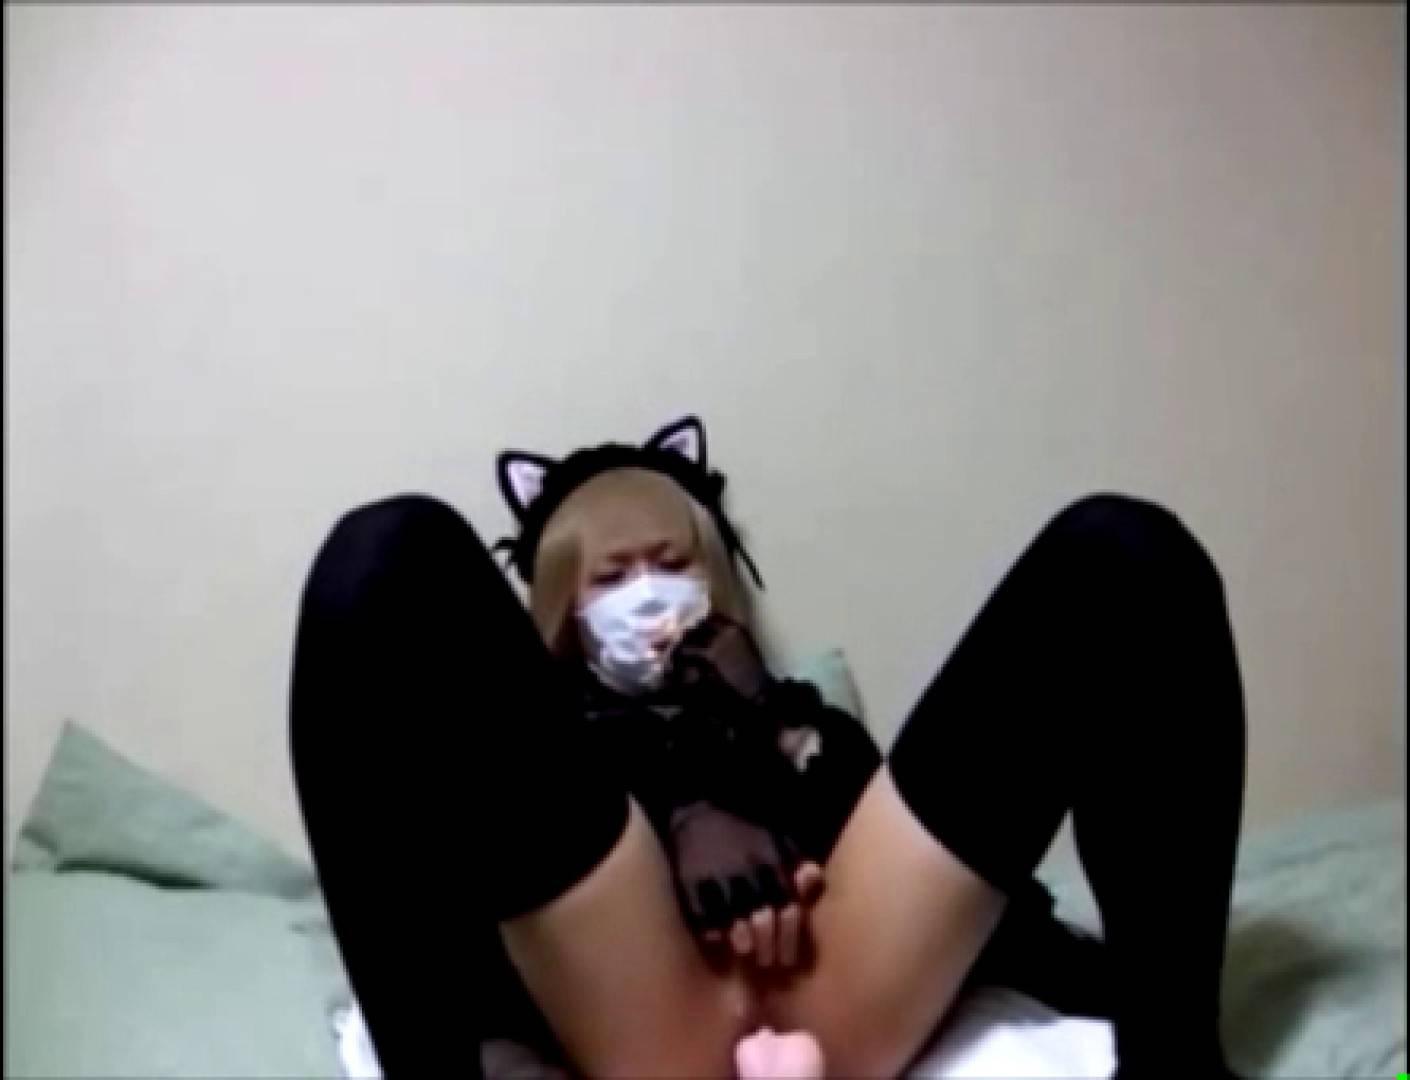 男のKOスプレー!Vol.12 イケメンたち ゲイアダルトビデオ画像 75枚 54